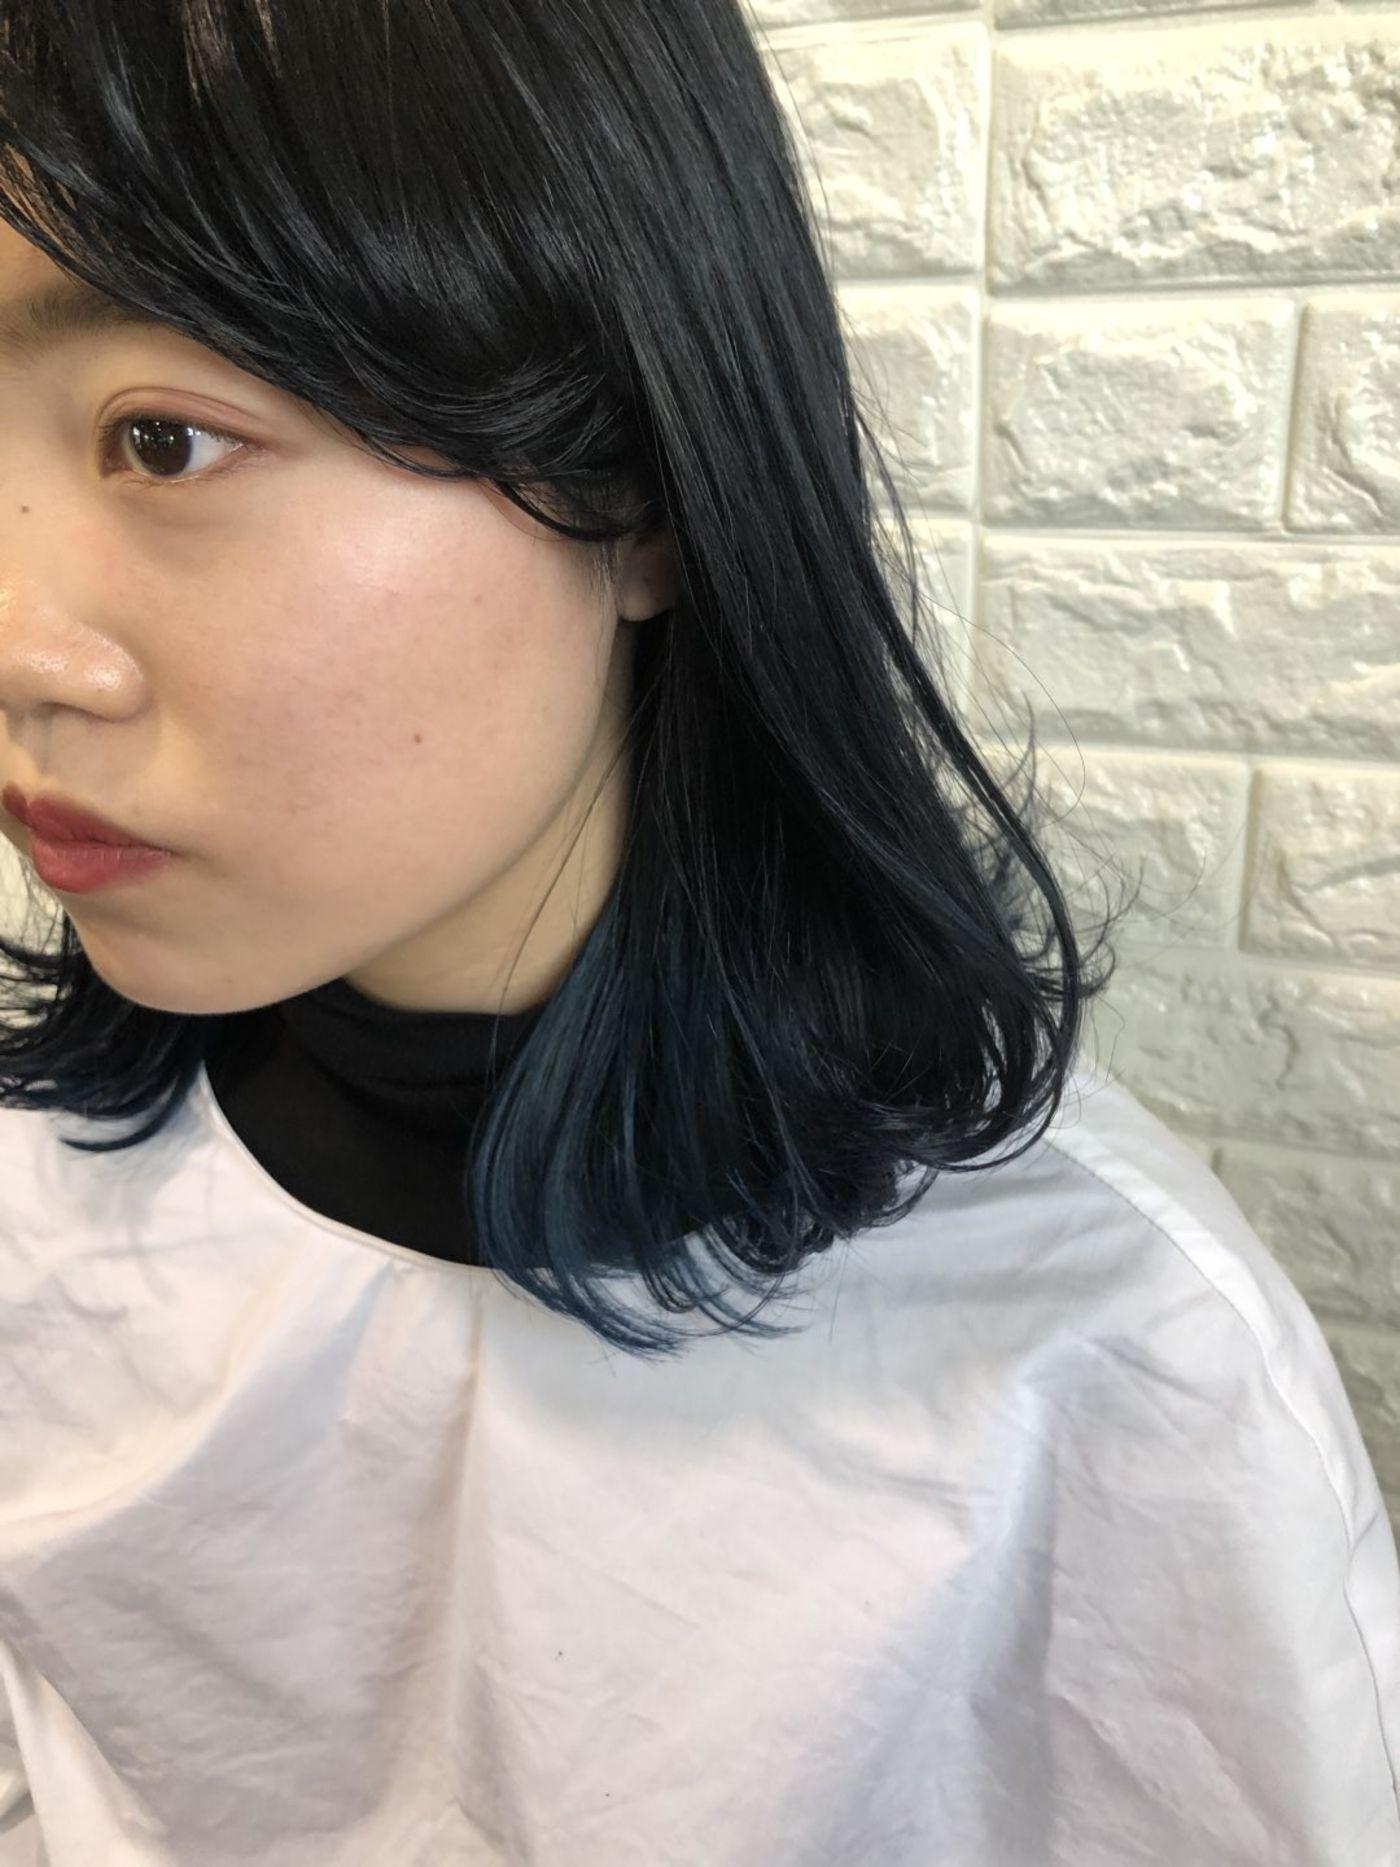 美容師さんと一緒に髪の毛のプランを考える!!